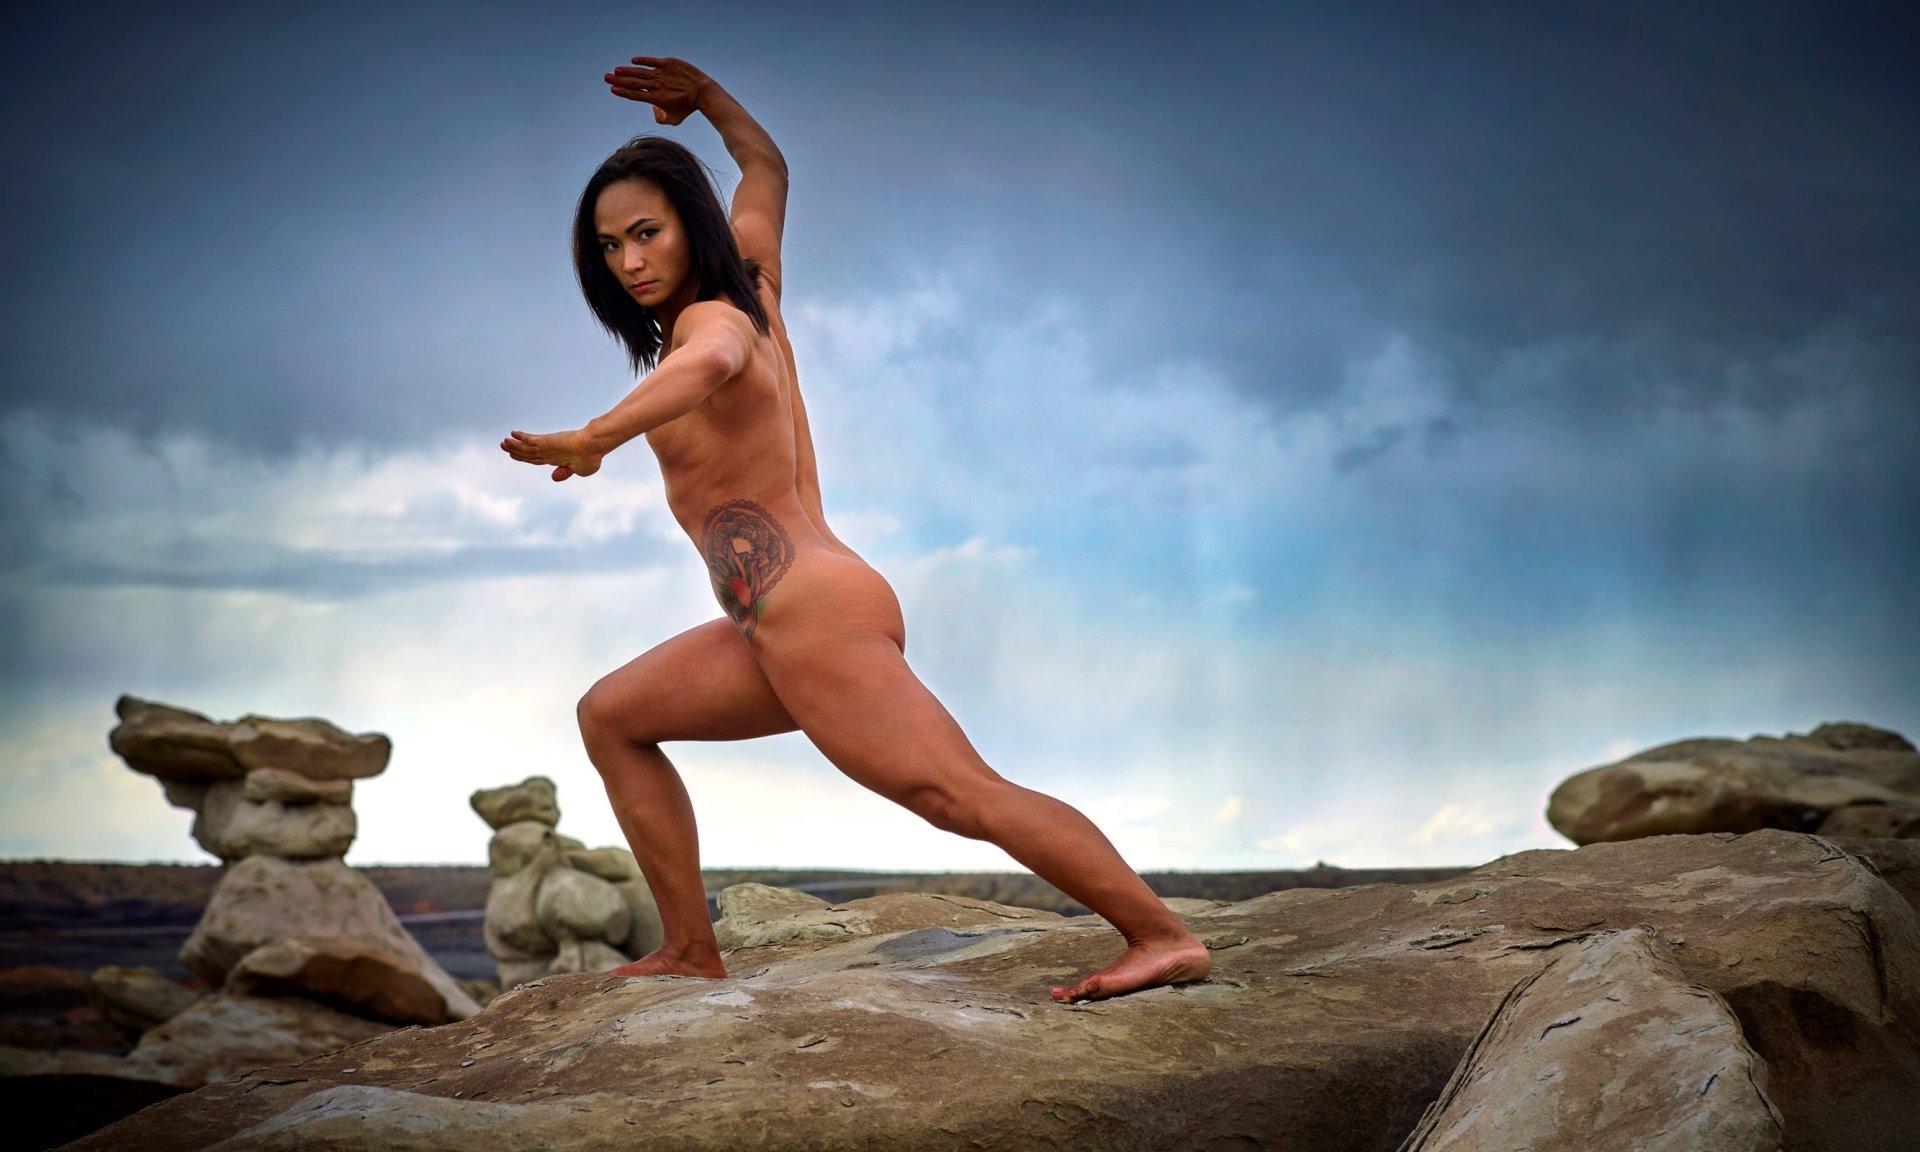 Espn Naked Girls